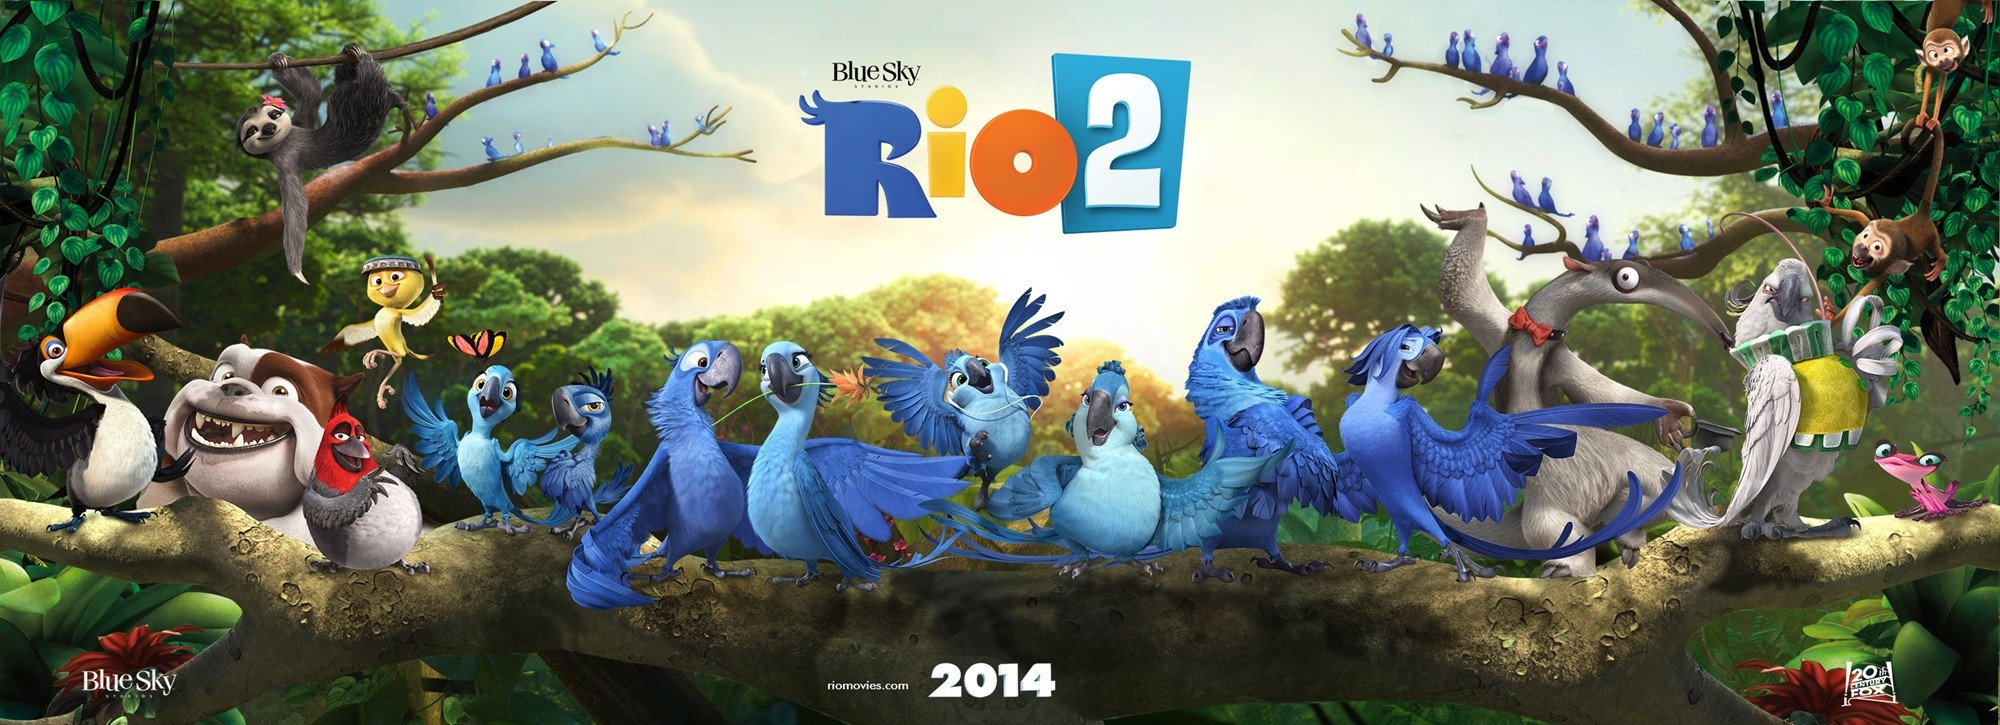 image - rio-2-poster   rio wiki   fandom poweredwikia